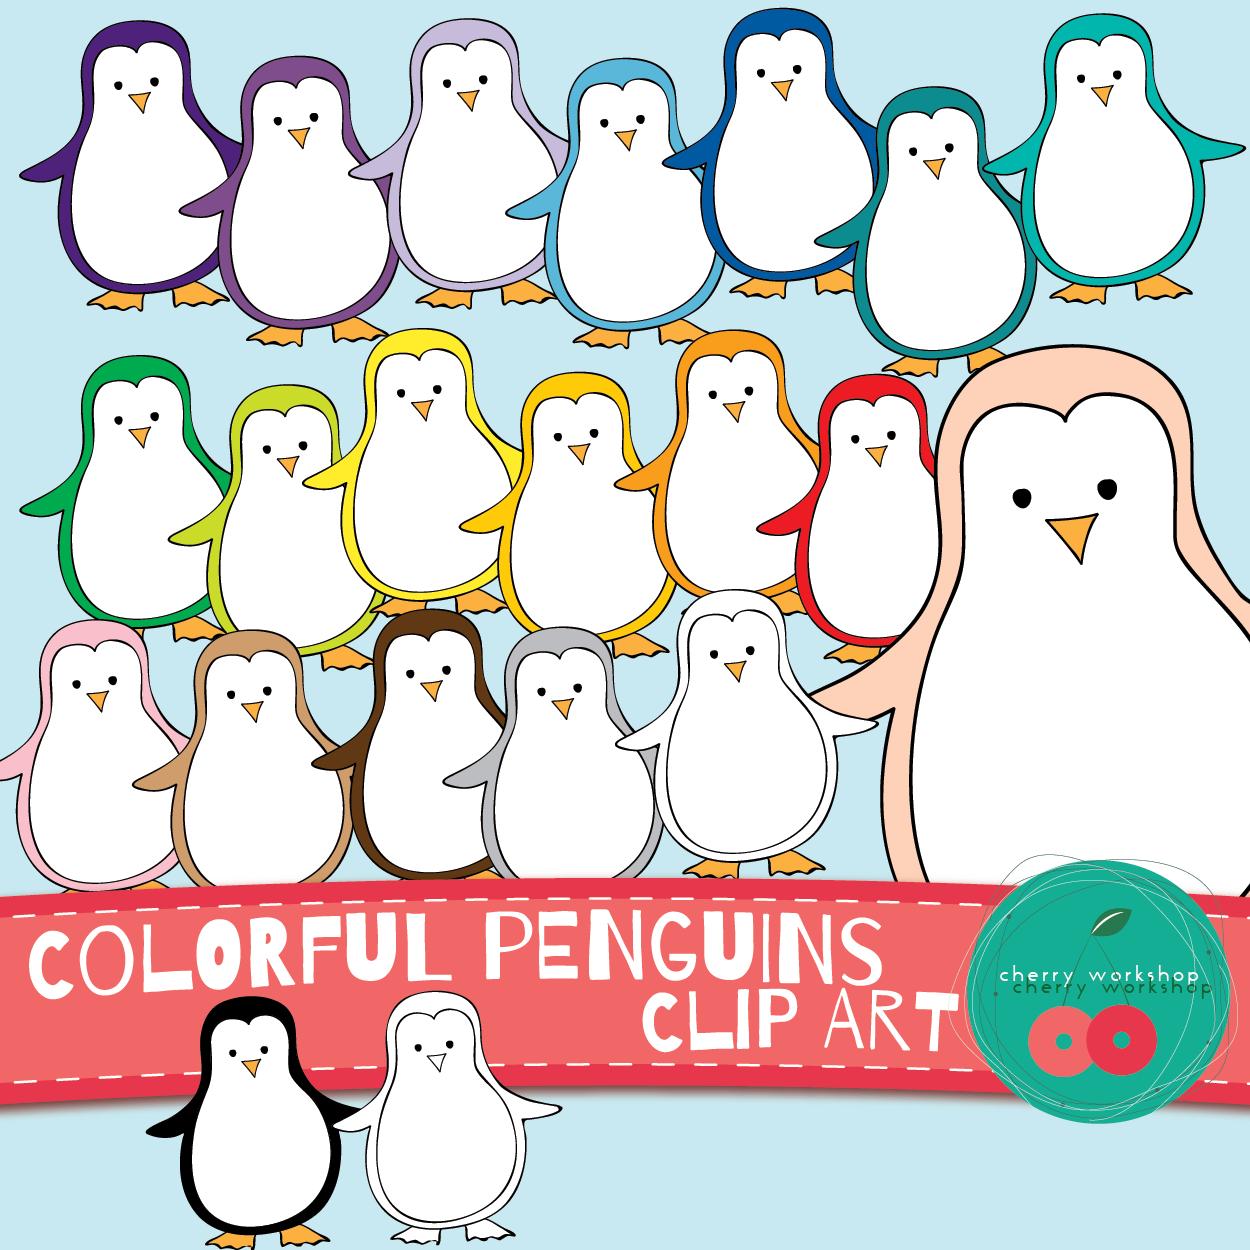 Colorful Penguins Clip Art Cute Winter Clip Art Commercial